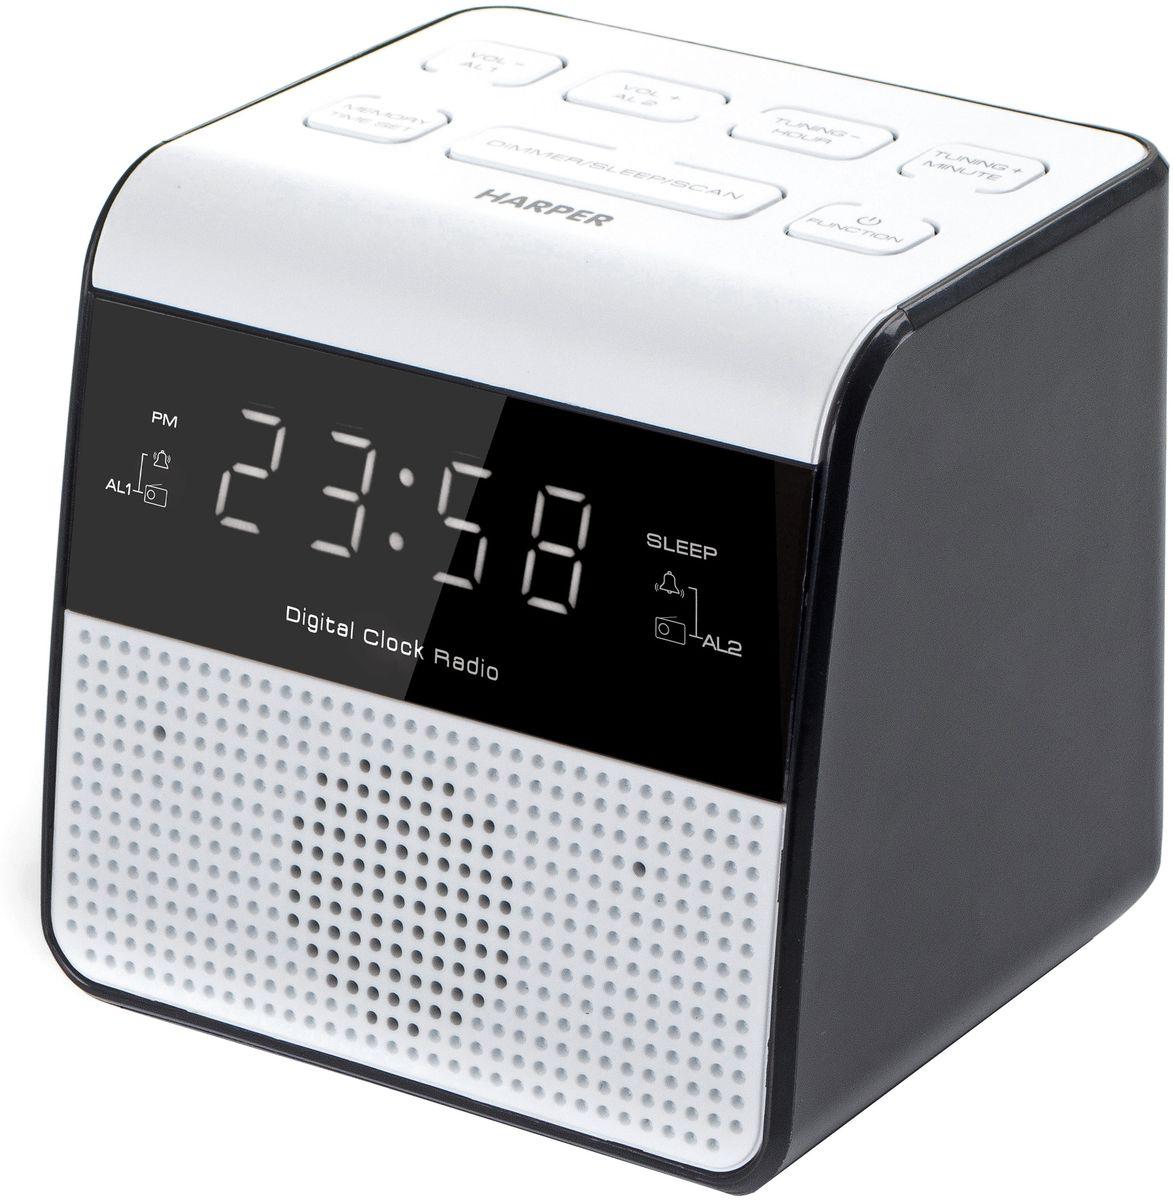 Harper HRCB-7760, White радиобудильникH00001165Harper представляет радиобудильник HRCB-7760 в изящном белом корпусе.Главными особенностями модели являются:- LED дисплей- USB зарядка 1,0А- FM радио (ручная или автоматическая настройка станций)